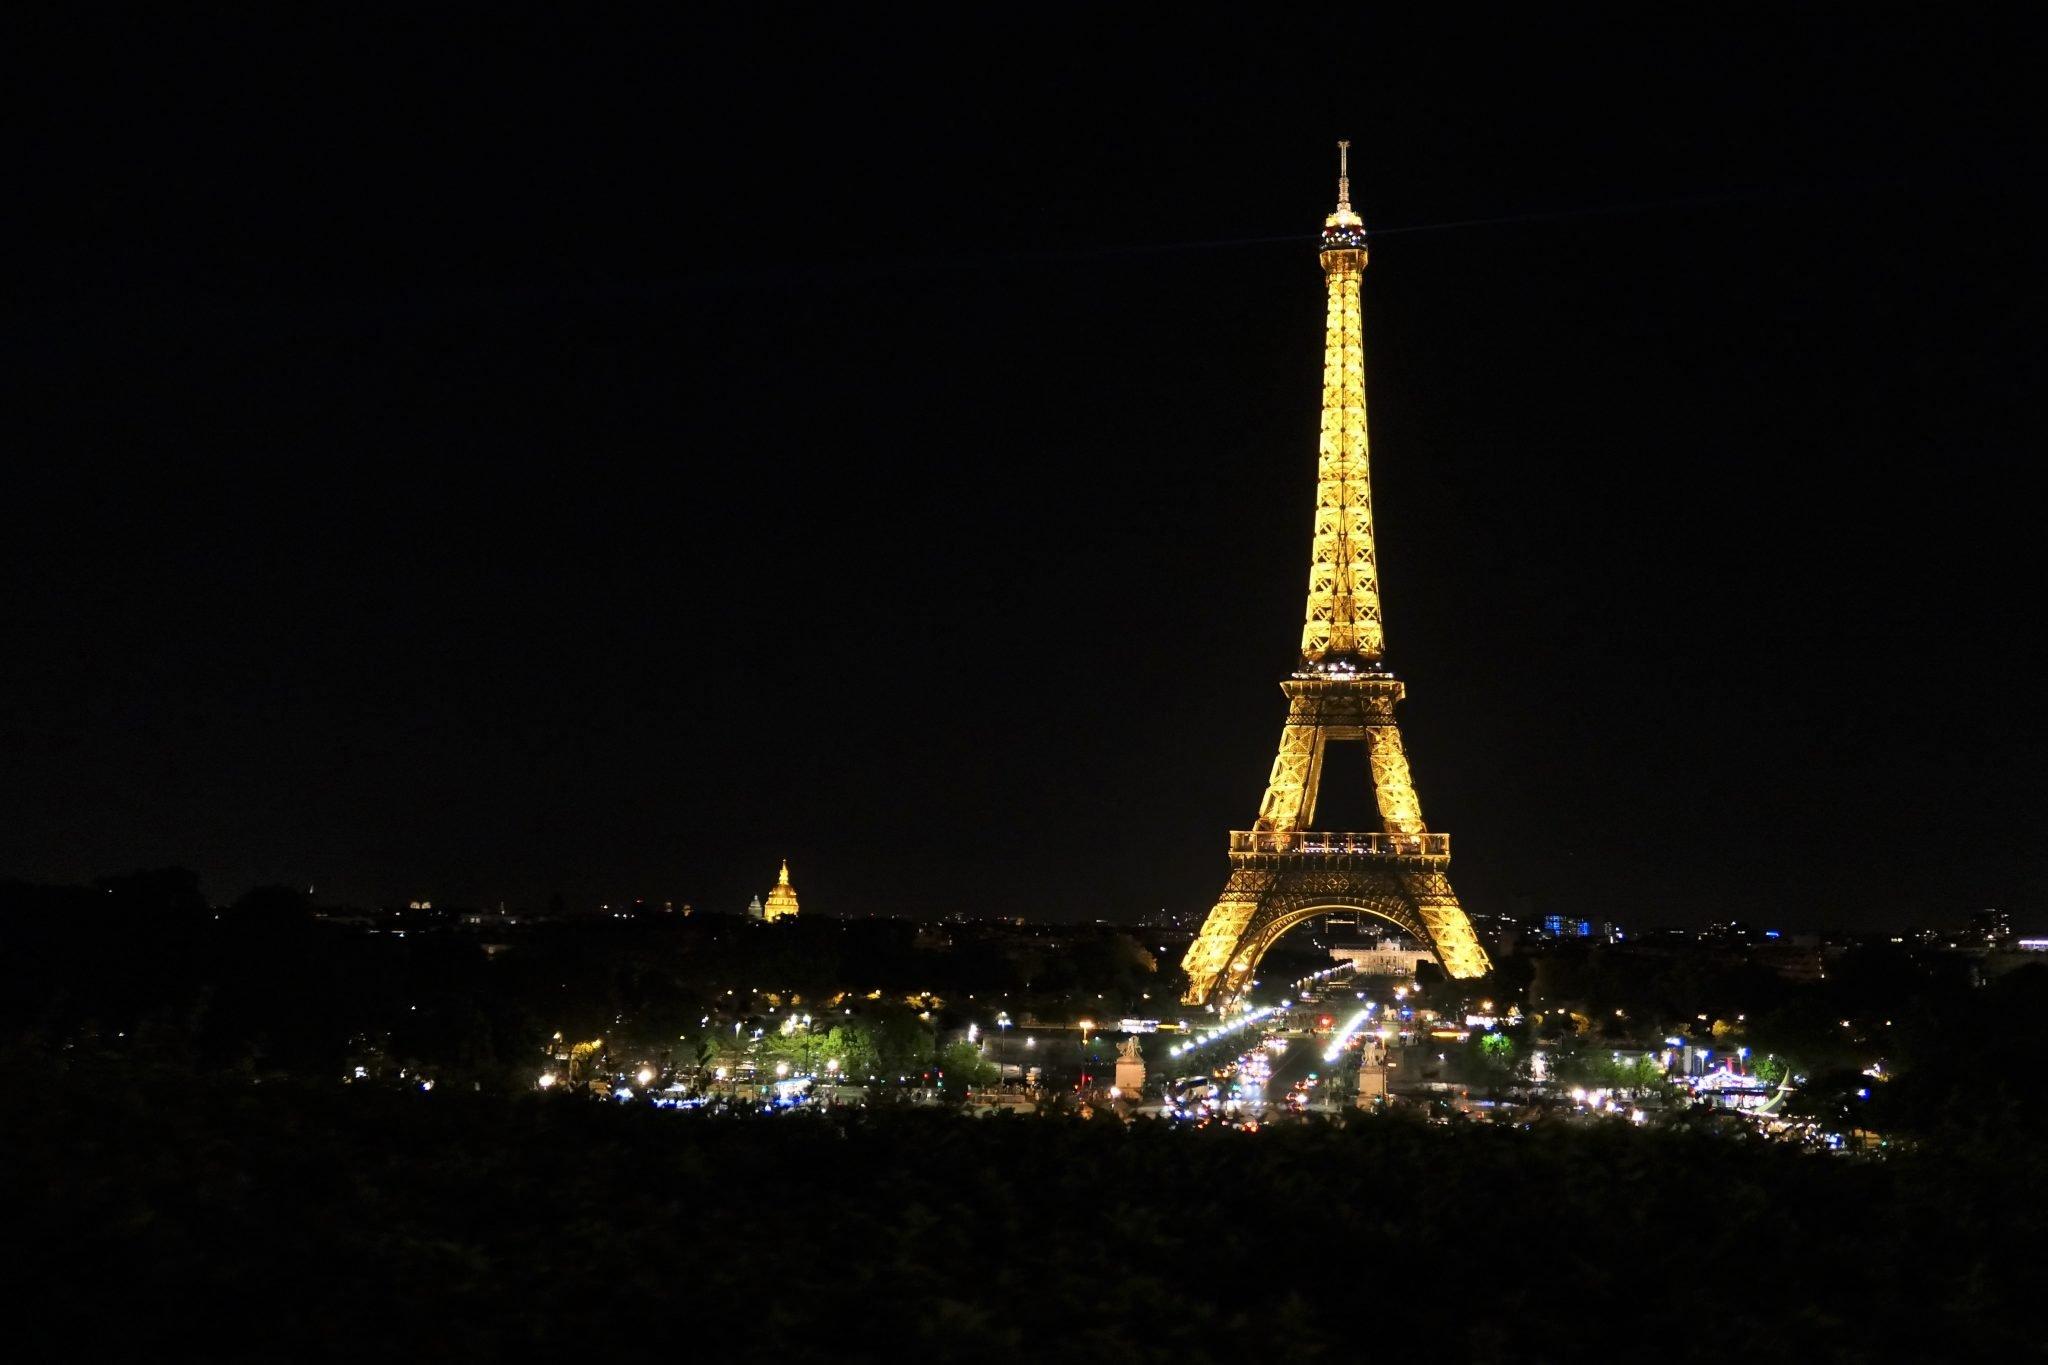 night Eiffel Tower